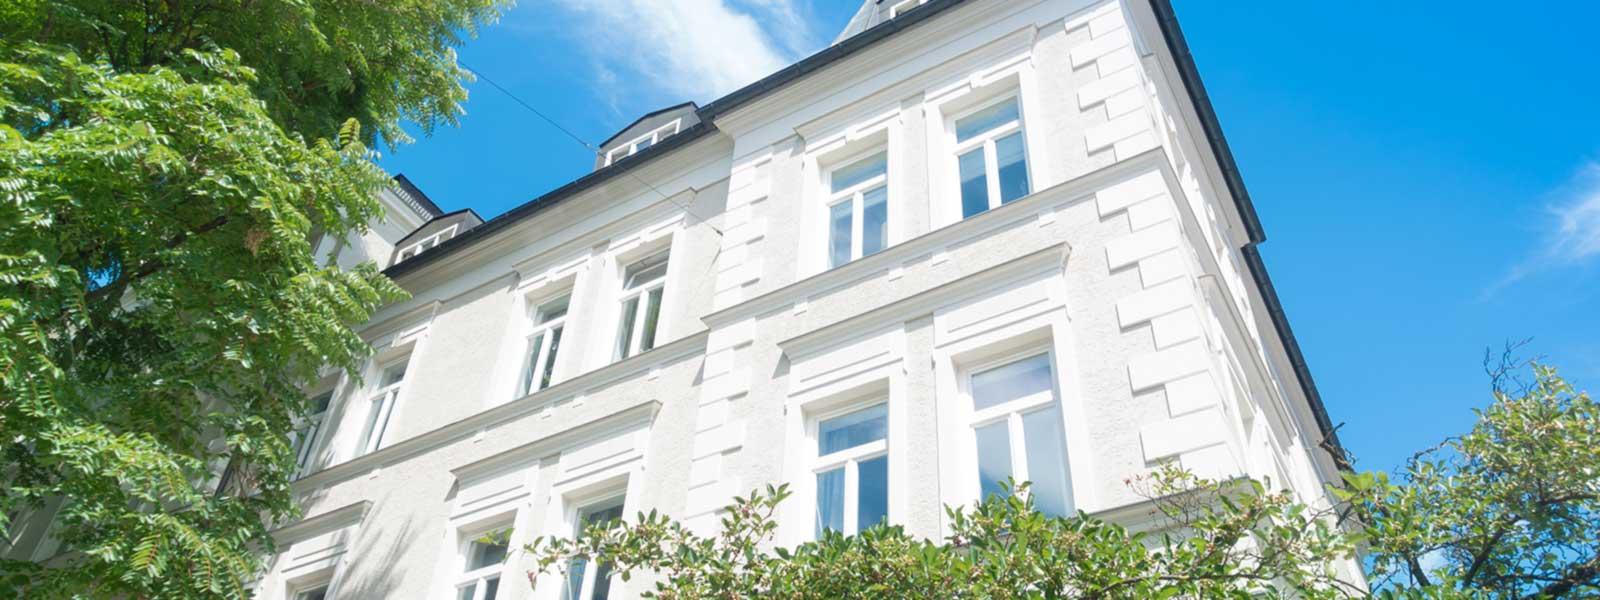 weißes Stadthaus